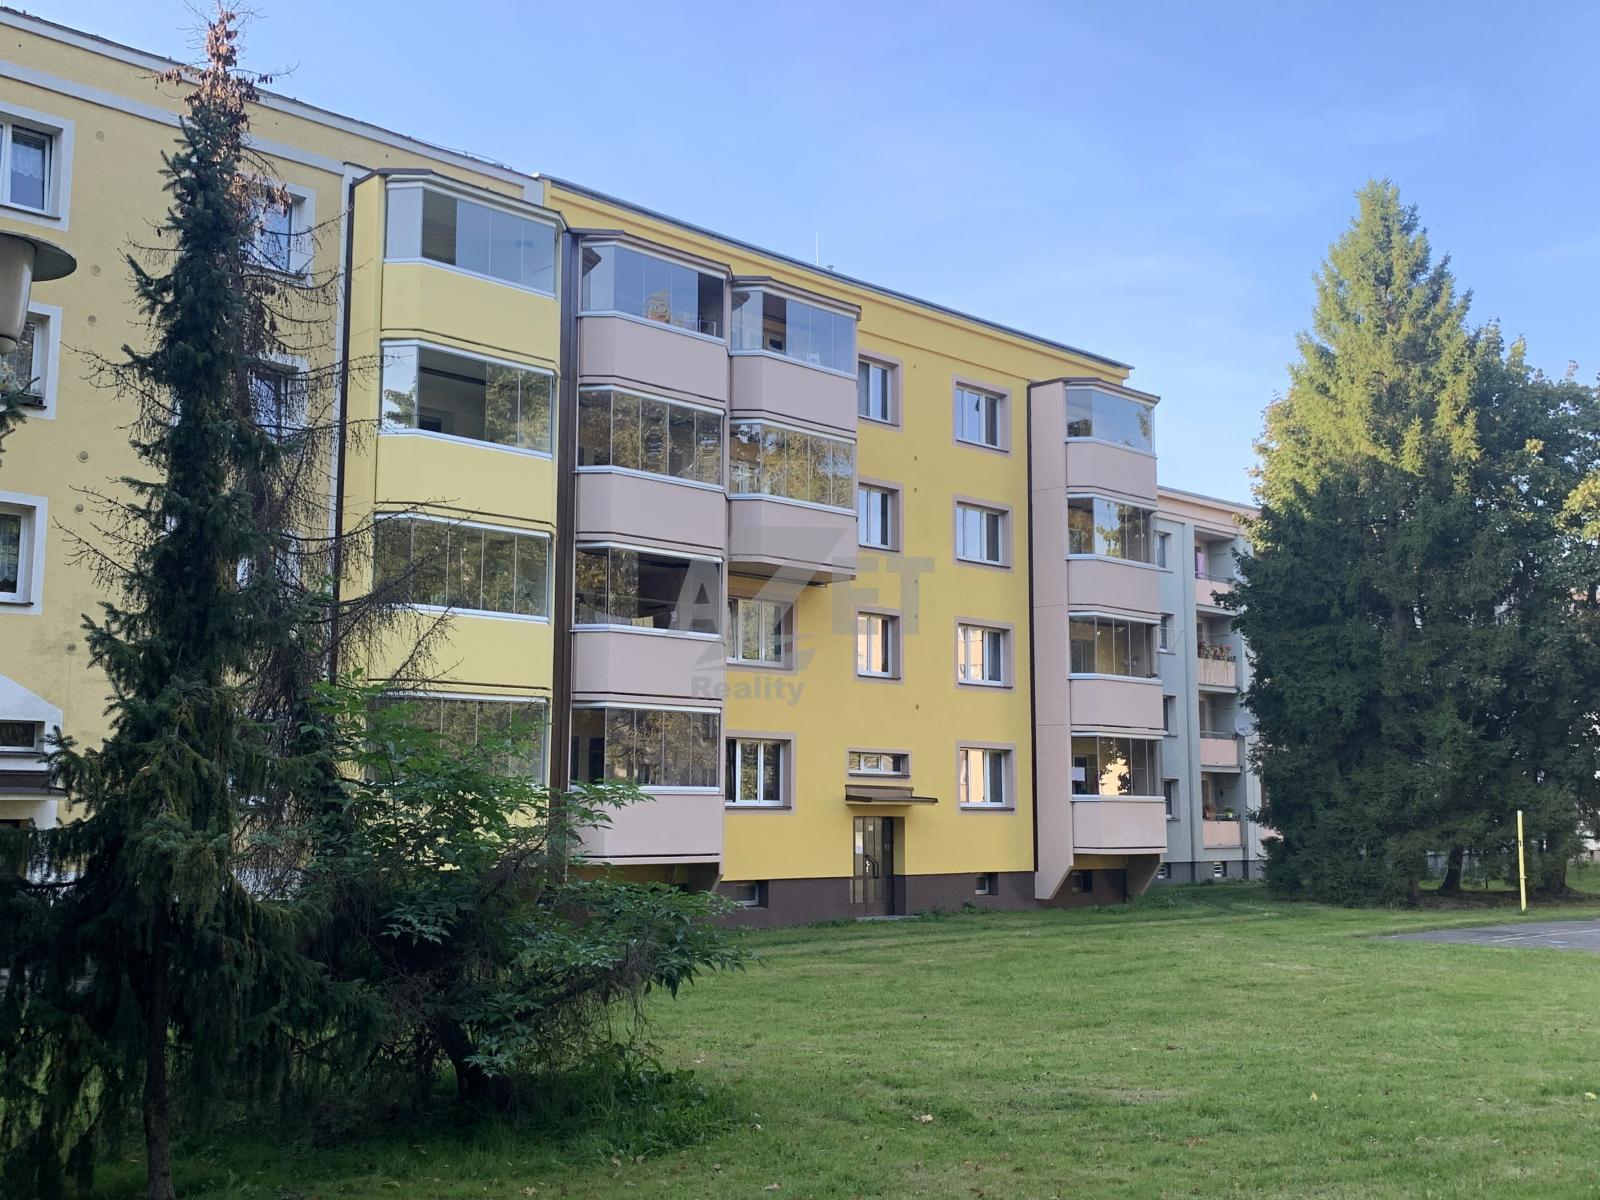 Prodej, byt 2+1, 54 m2, Ostrava - Zábřeh, ul. Jiskřiček